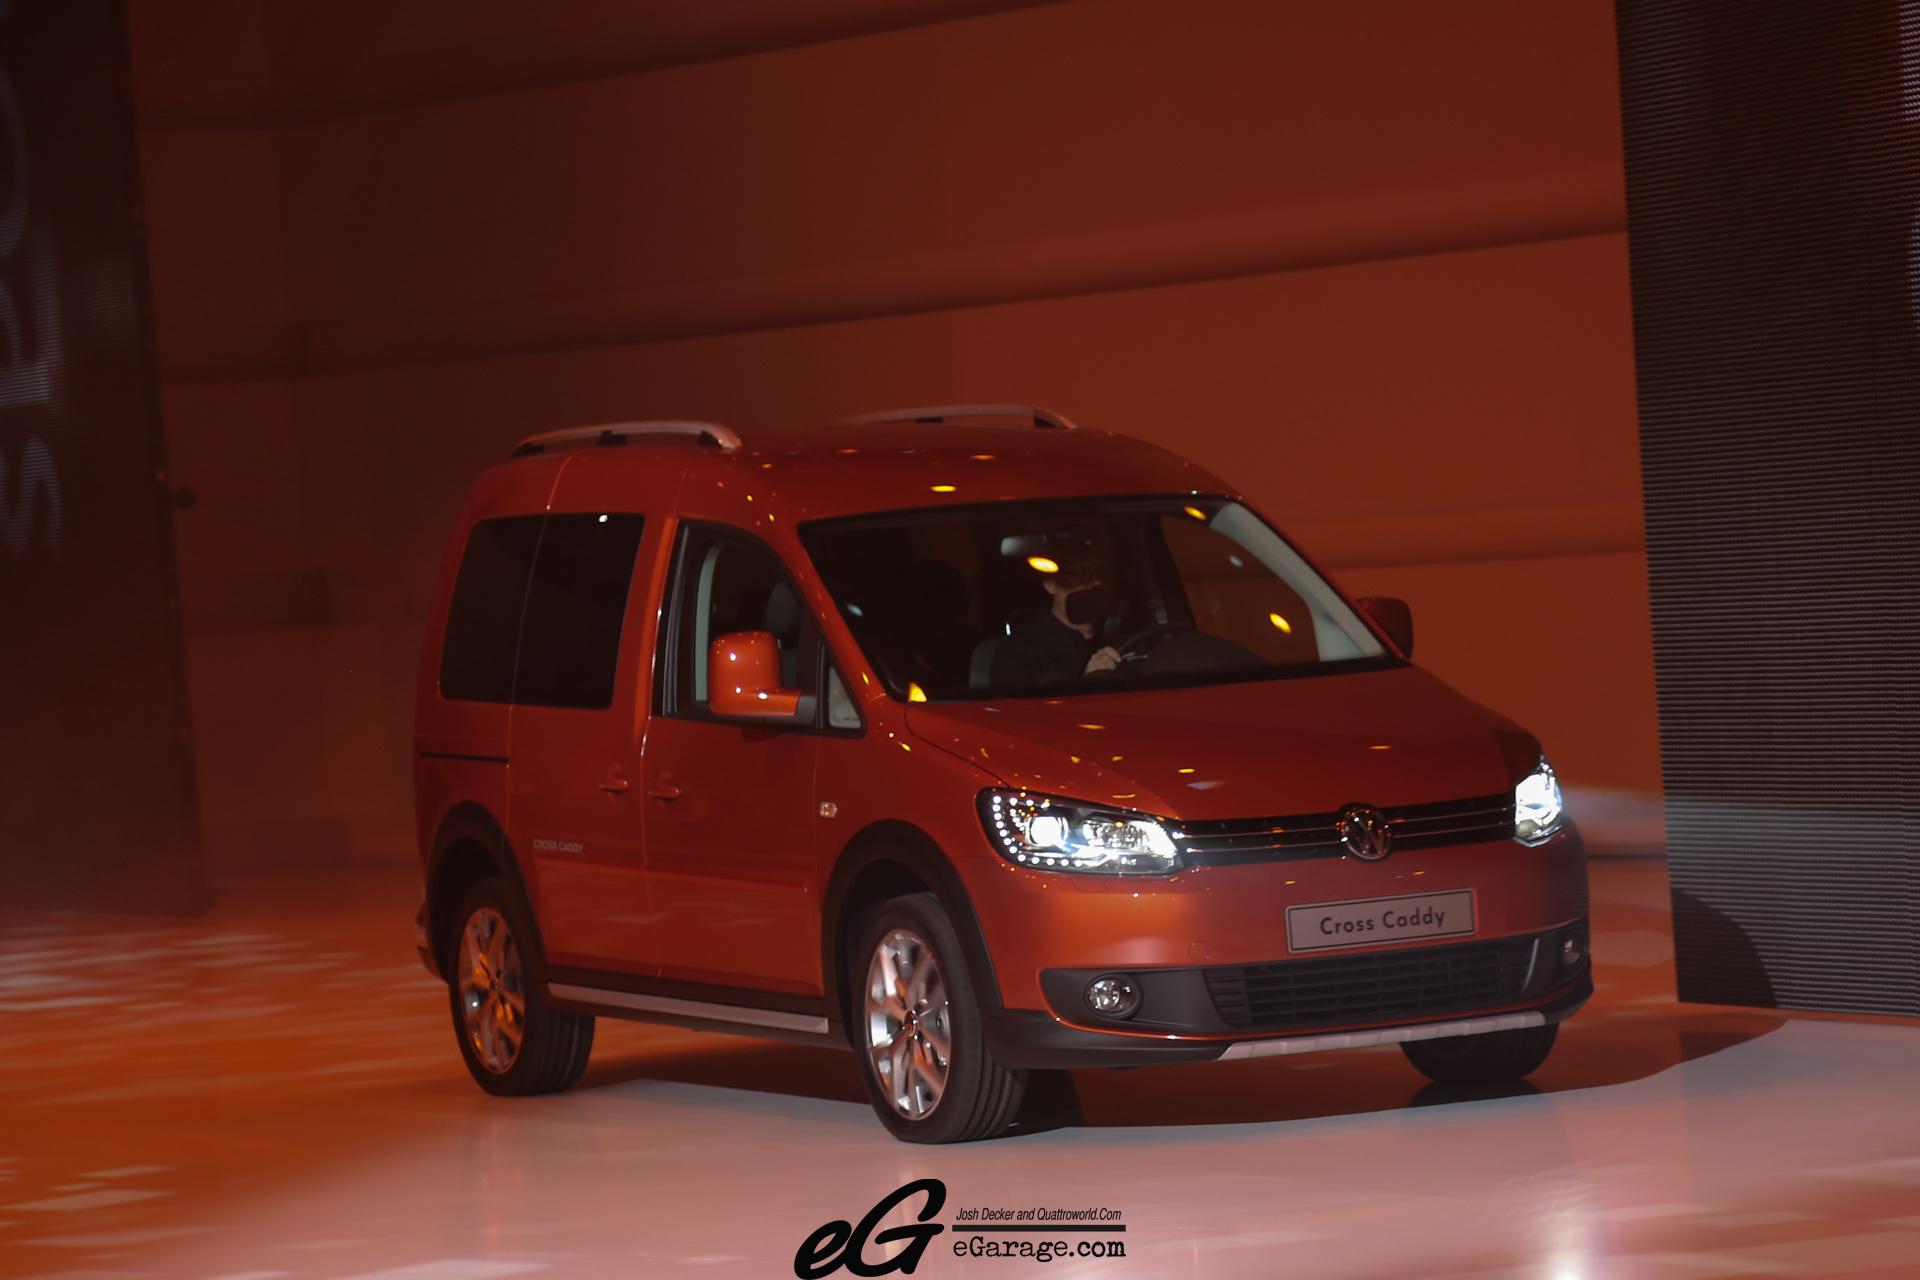 8030385260 b9f2fbebb0 o 2012 Paris Motor Show